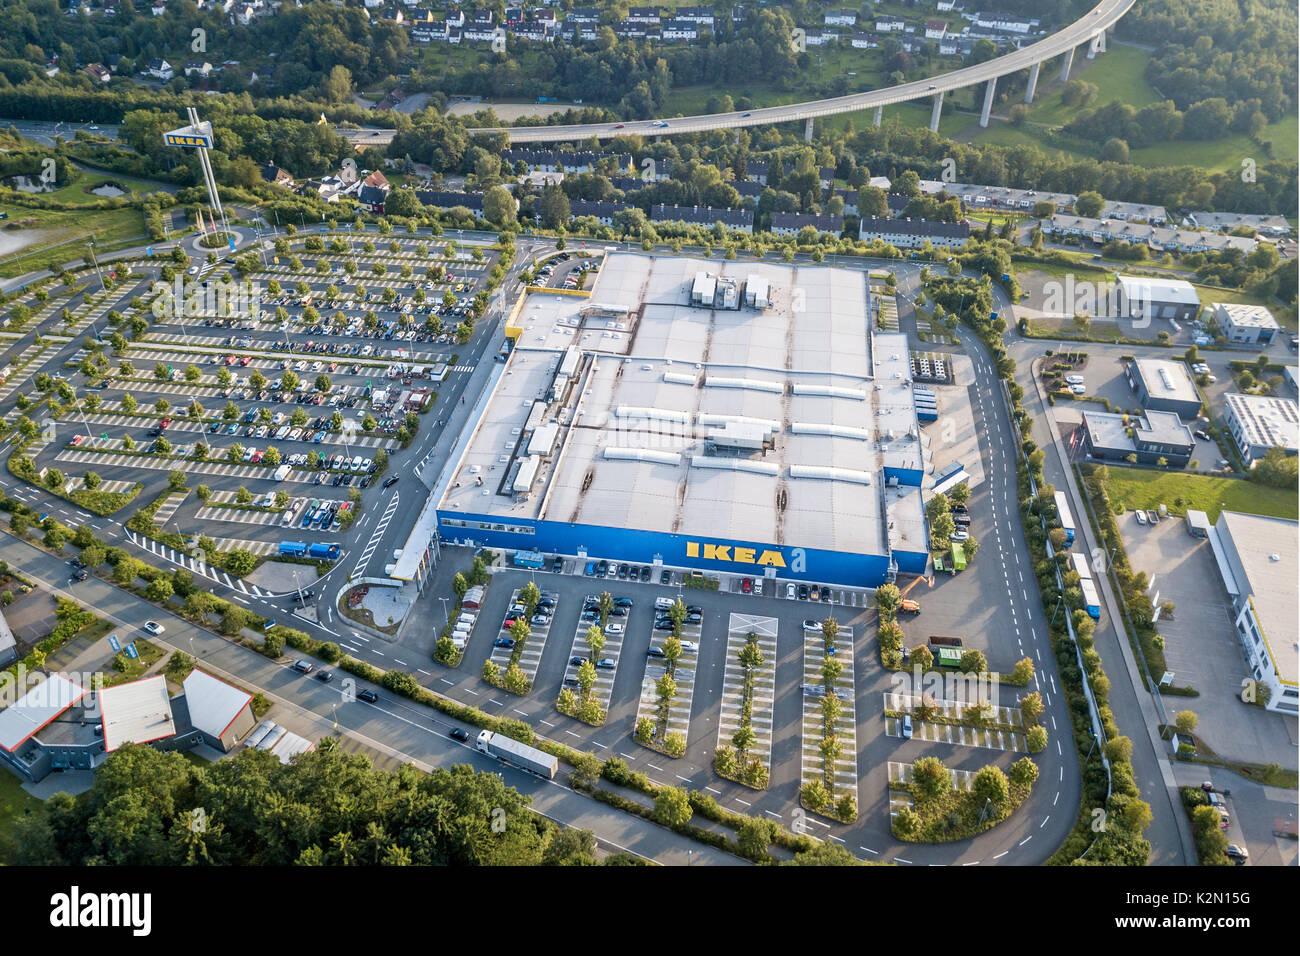 Siegen, Germania - 24 AGO 2017: veduta aerea l'arredamento IKEA store a Siegen. Siegerland della Renania settentrionale-Vestfalia, Germania Immagini Stock